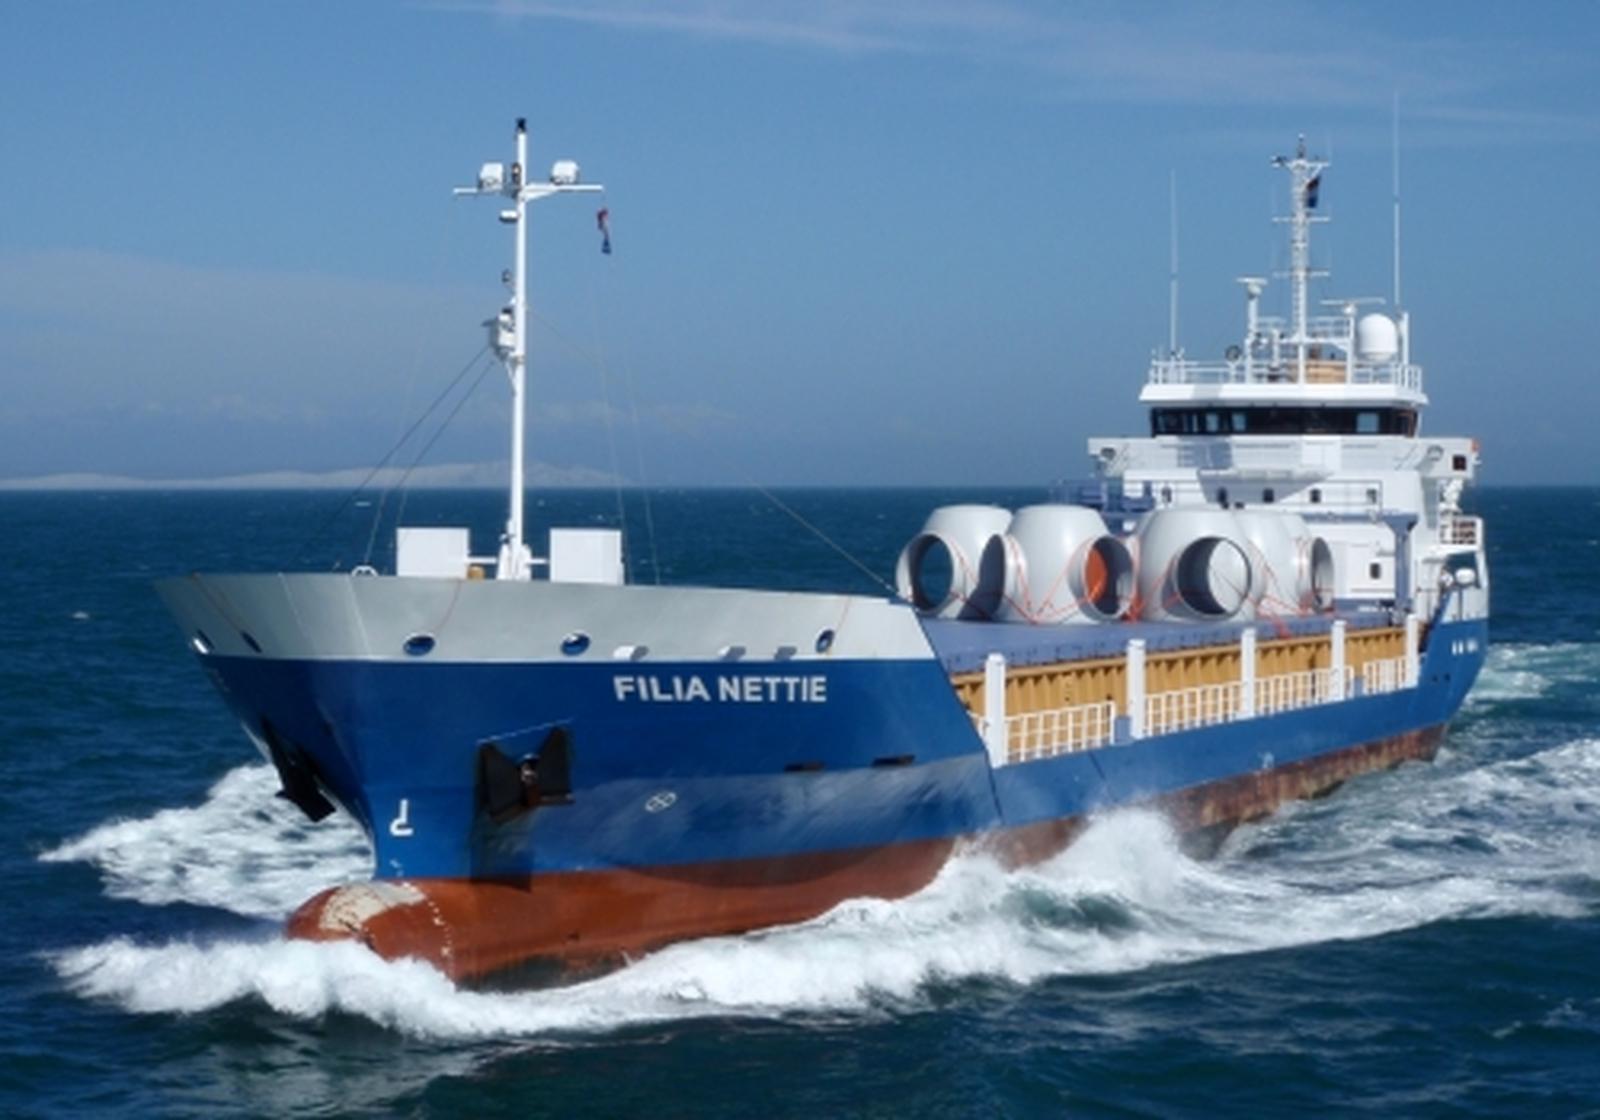 Filia Nettie Concordia Group